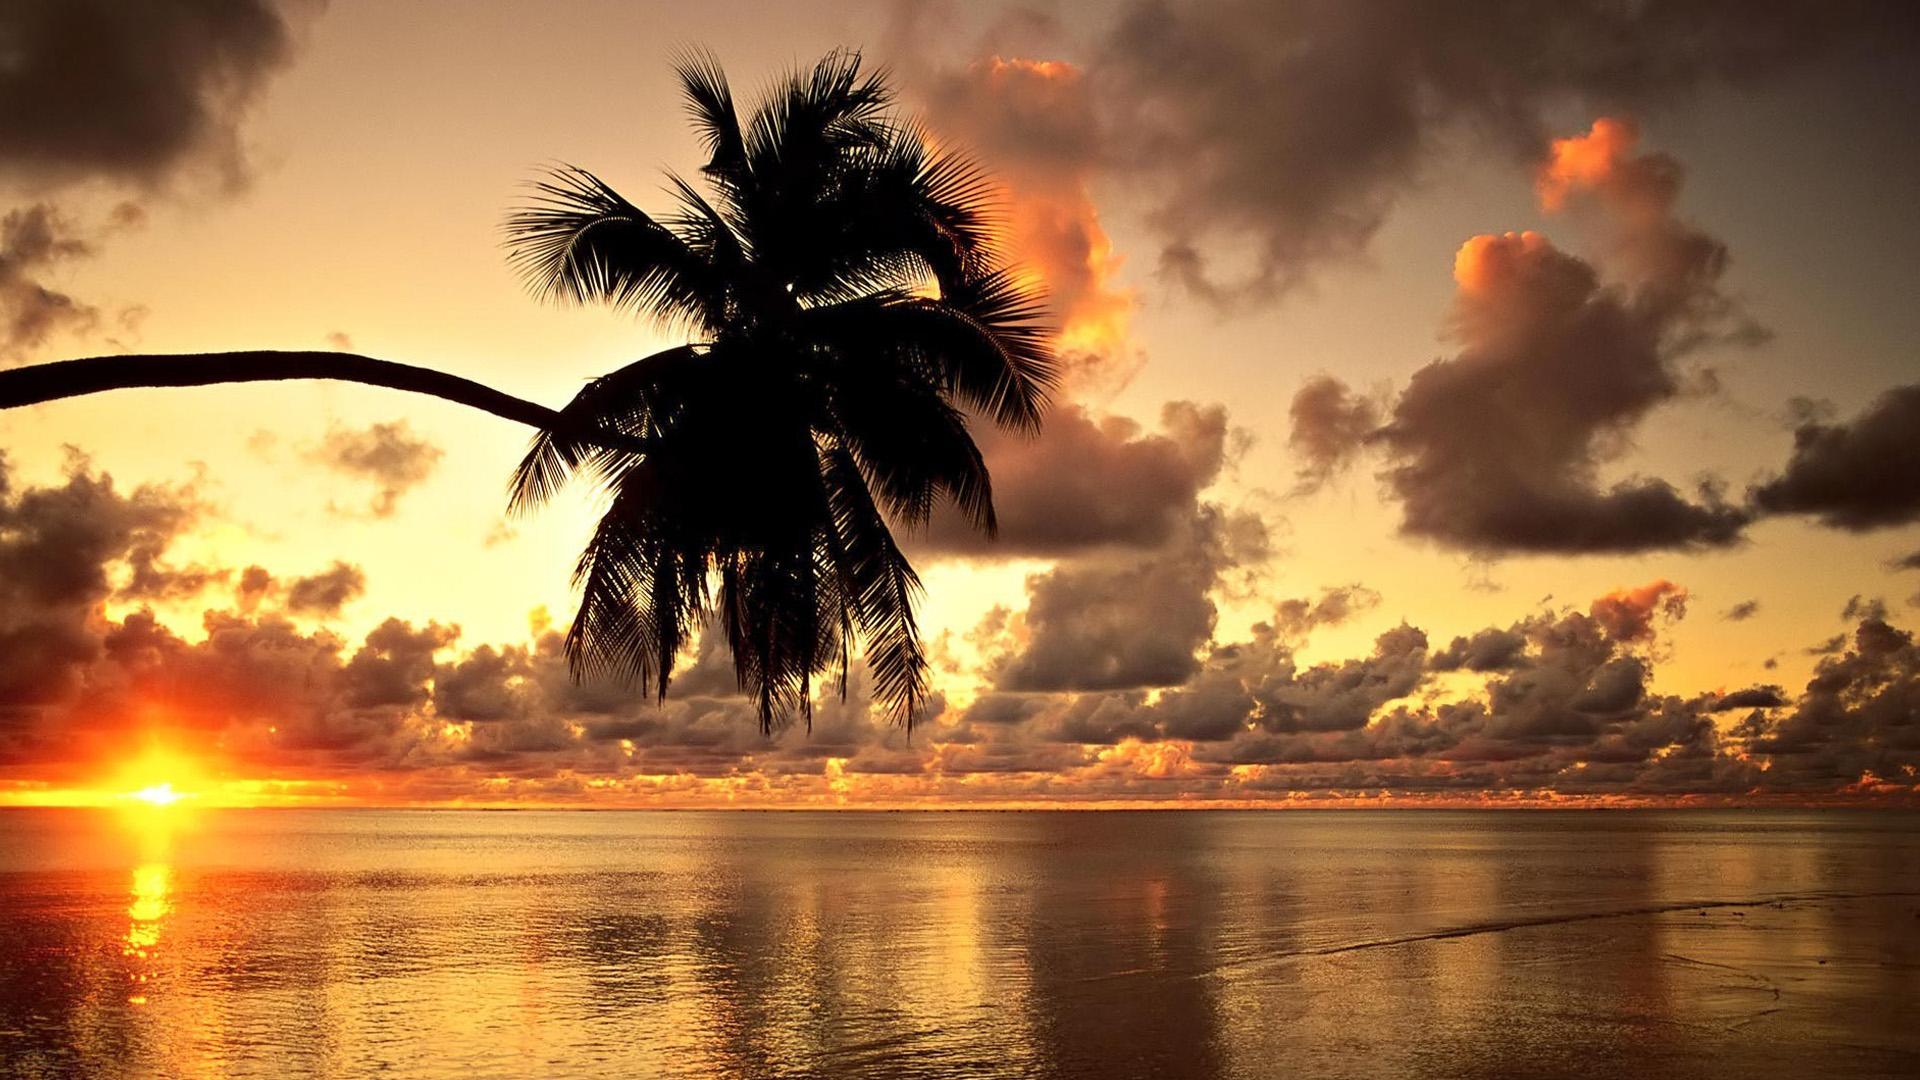 Tropical Sunset Wallpaper Desktop 1920x1080